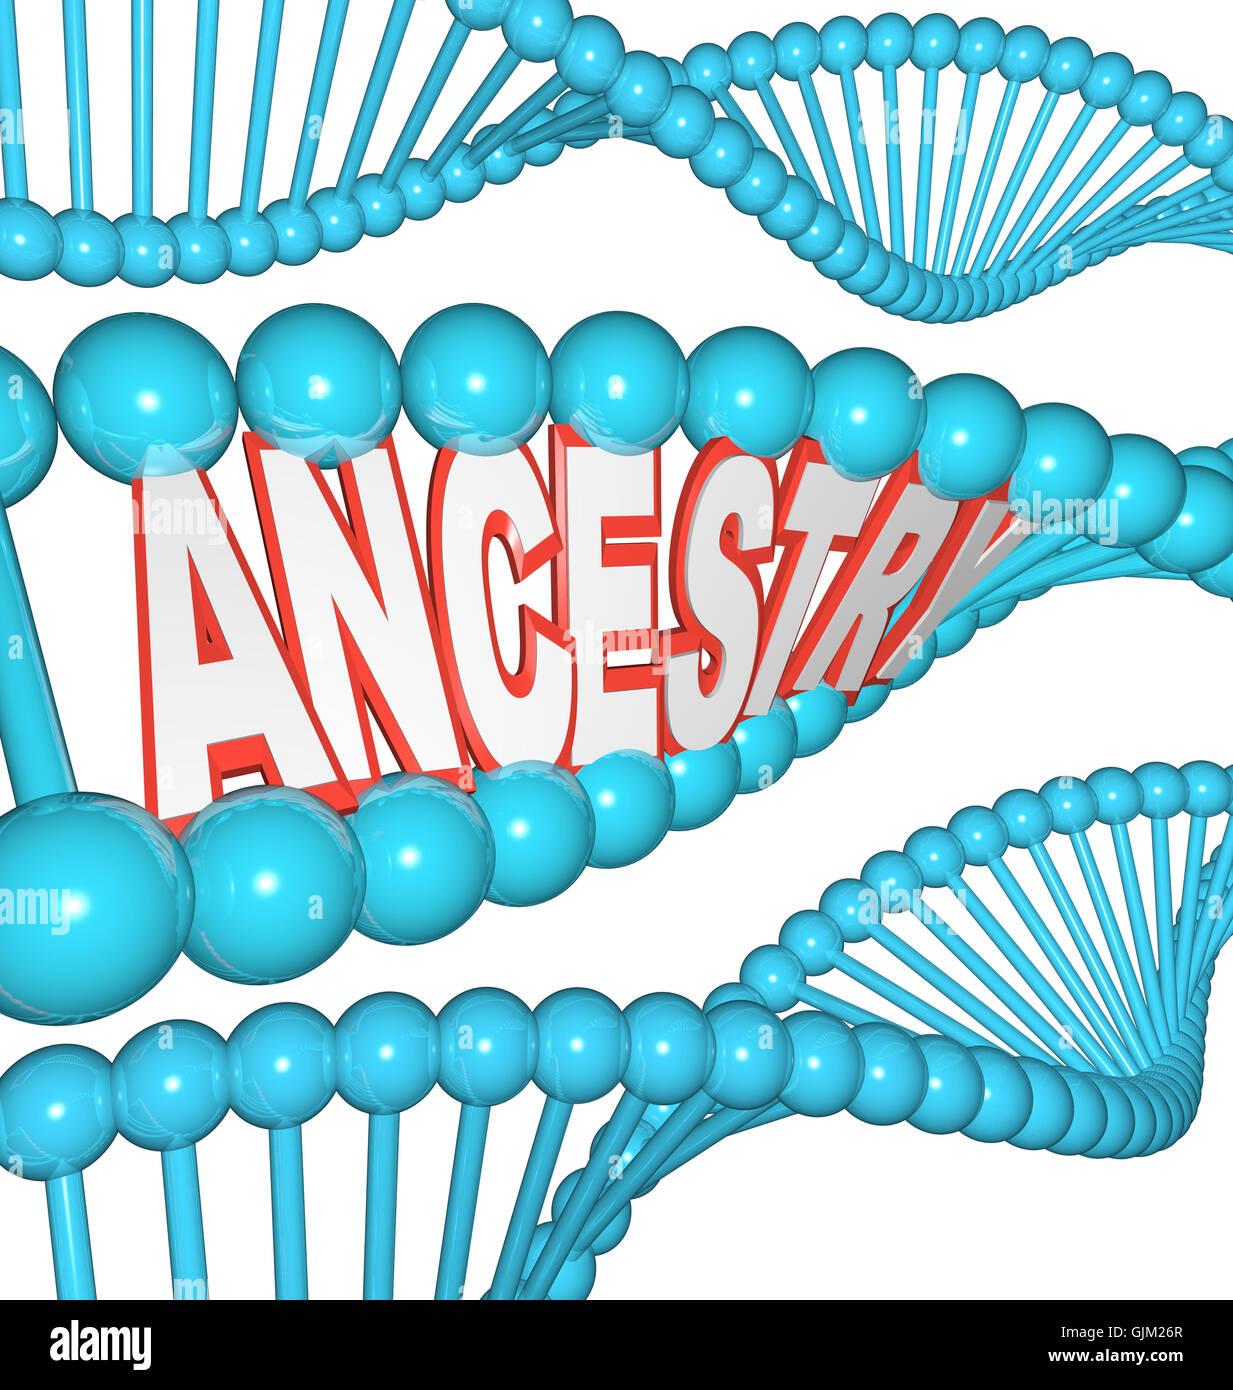 Abstammung-Wort in der DNA-Forschung Ihre Genealogie ahnen Stockbild